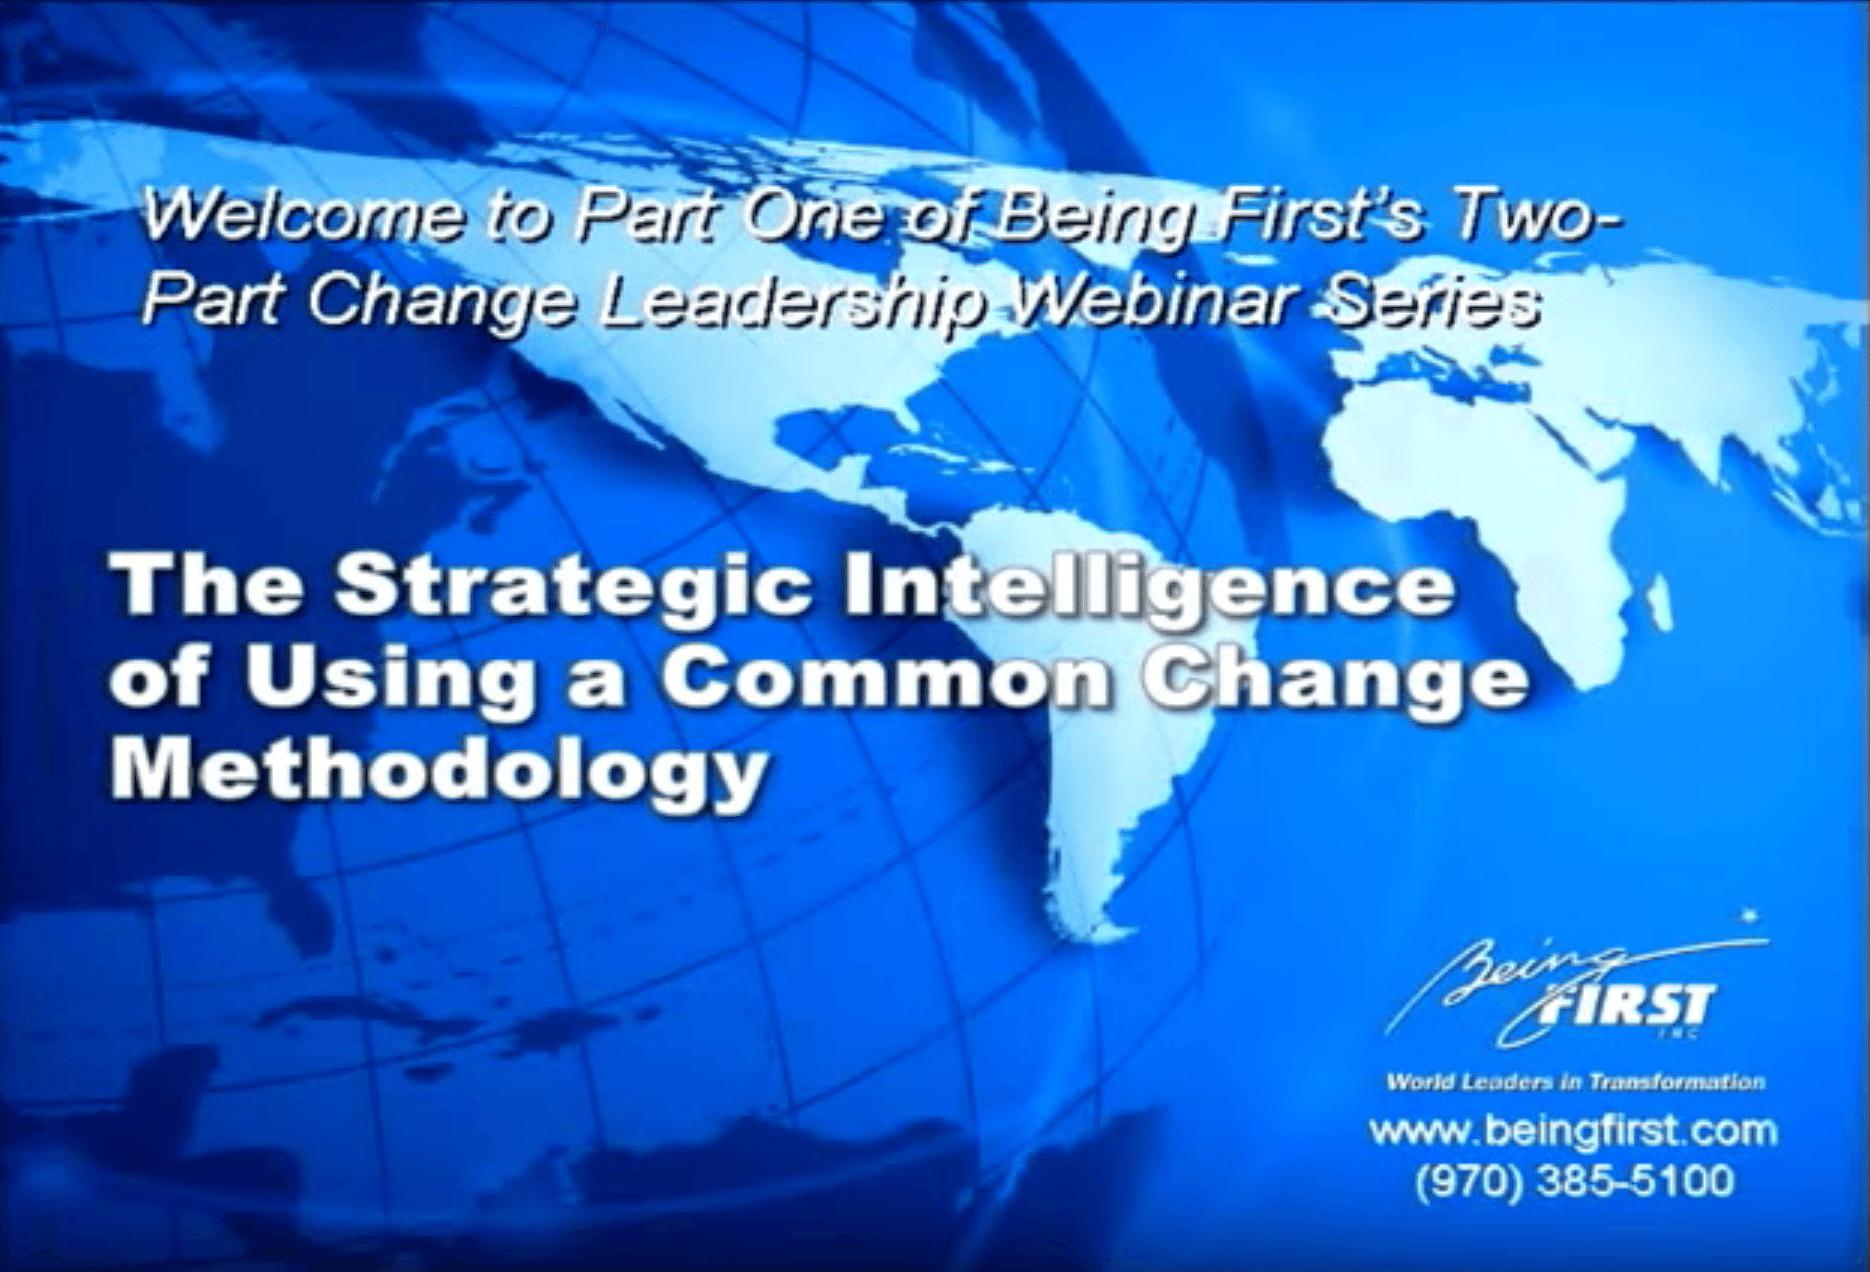 Strategic Intelligence of Using a Common Change Methodology